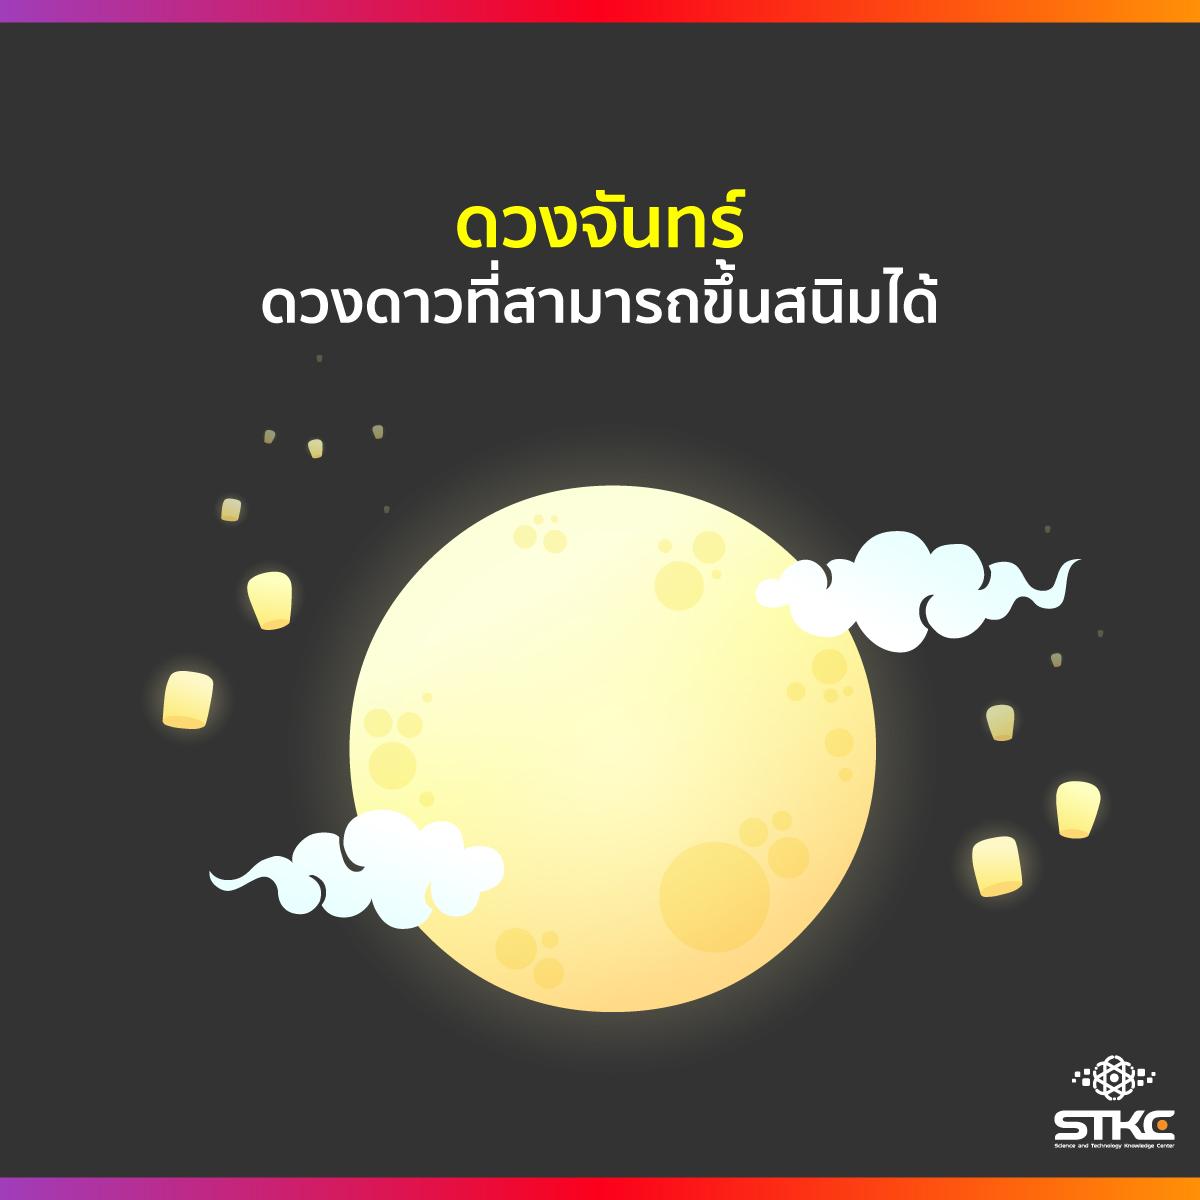 ดวงจันทร์ ดวงดาวที่สามารถขึ้นสนิมได้